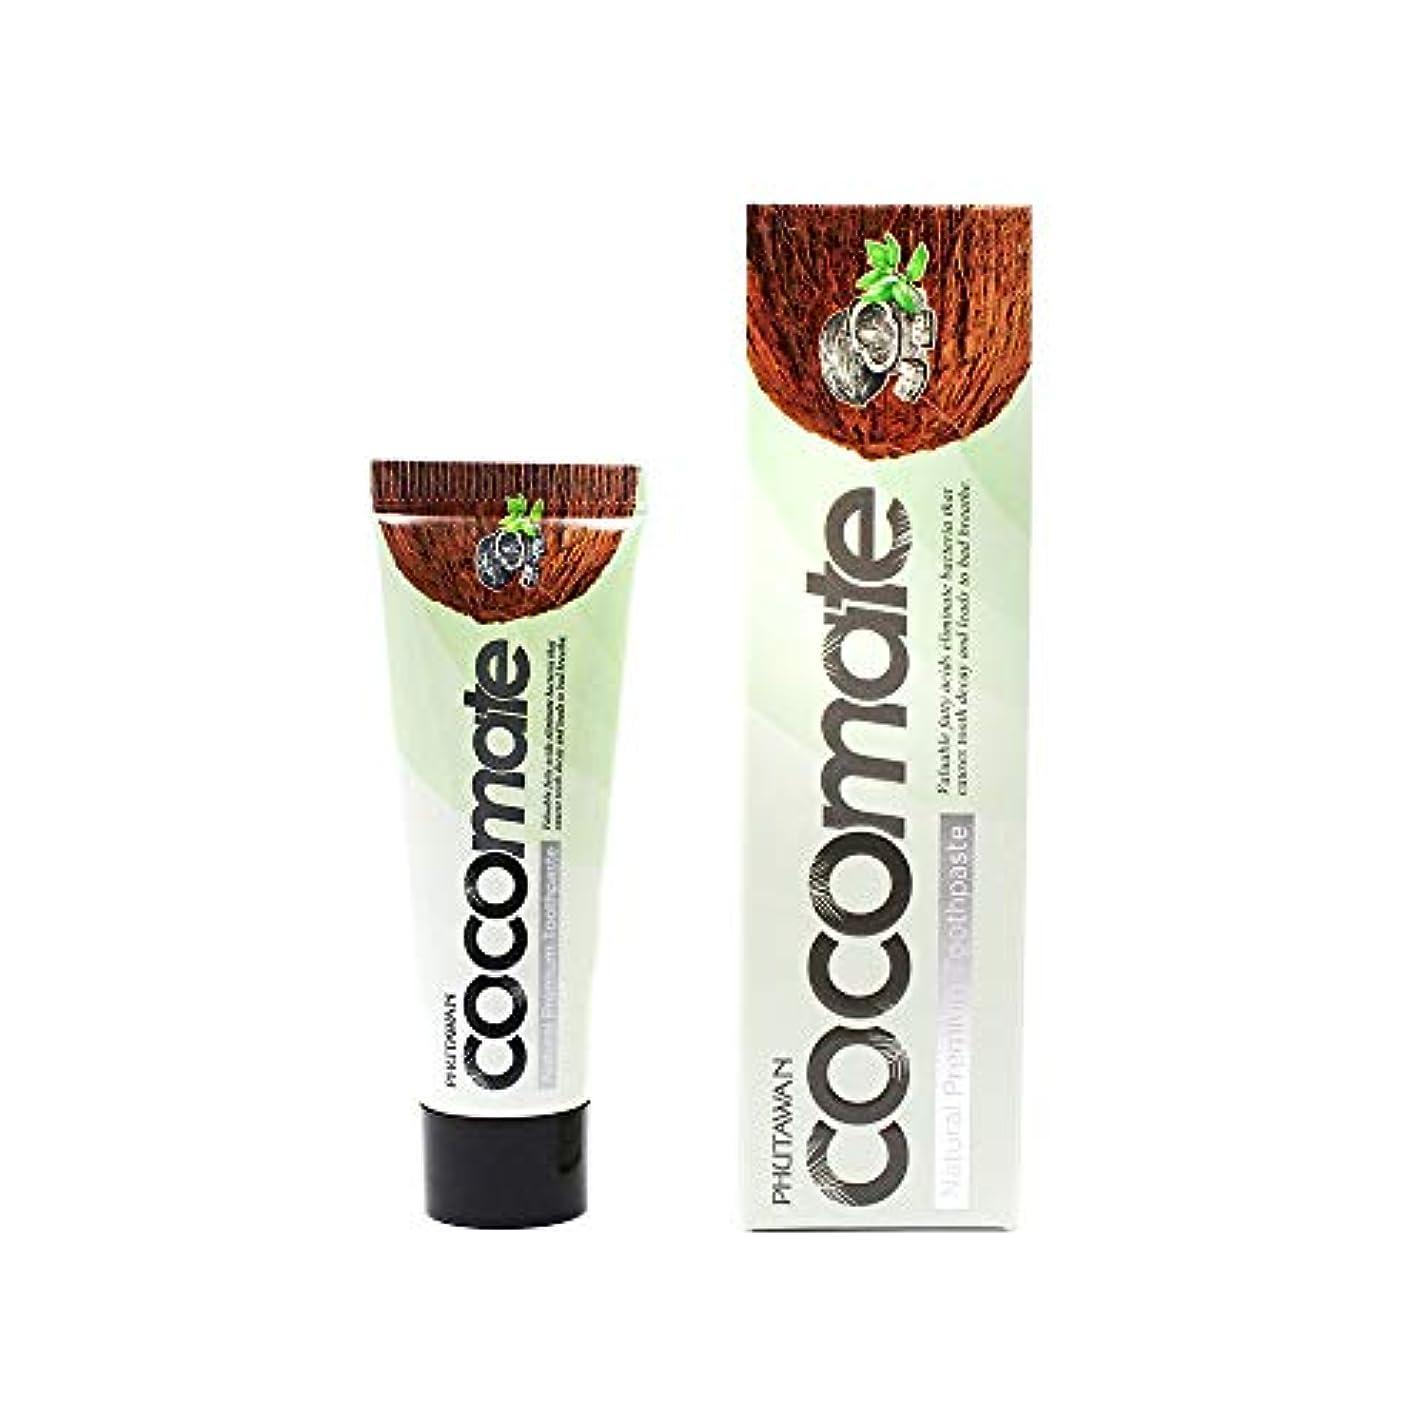 お嬢世界的にあそこ歯磨き粉 Cocomate Natural Premium Toothpaste